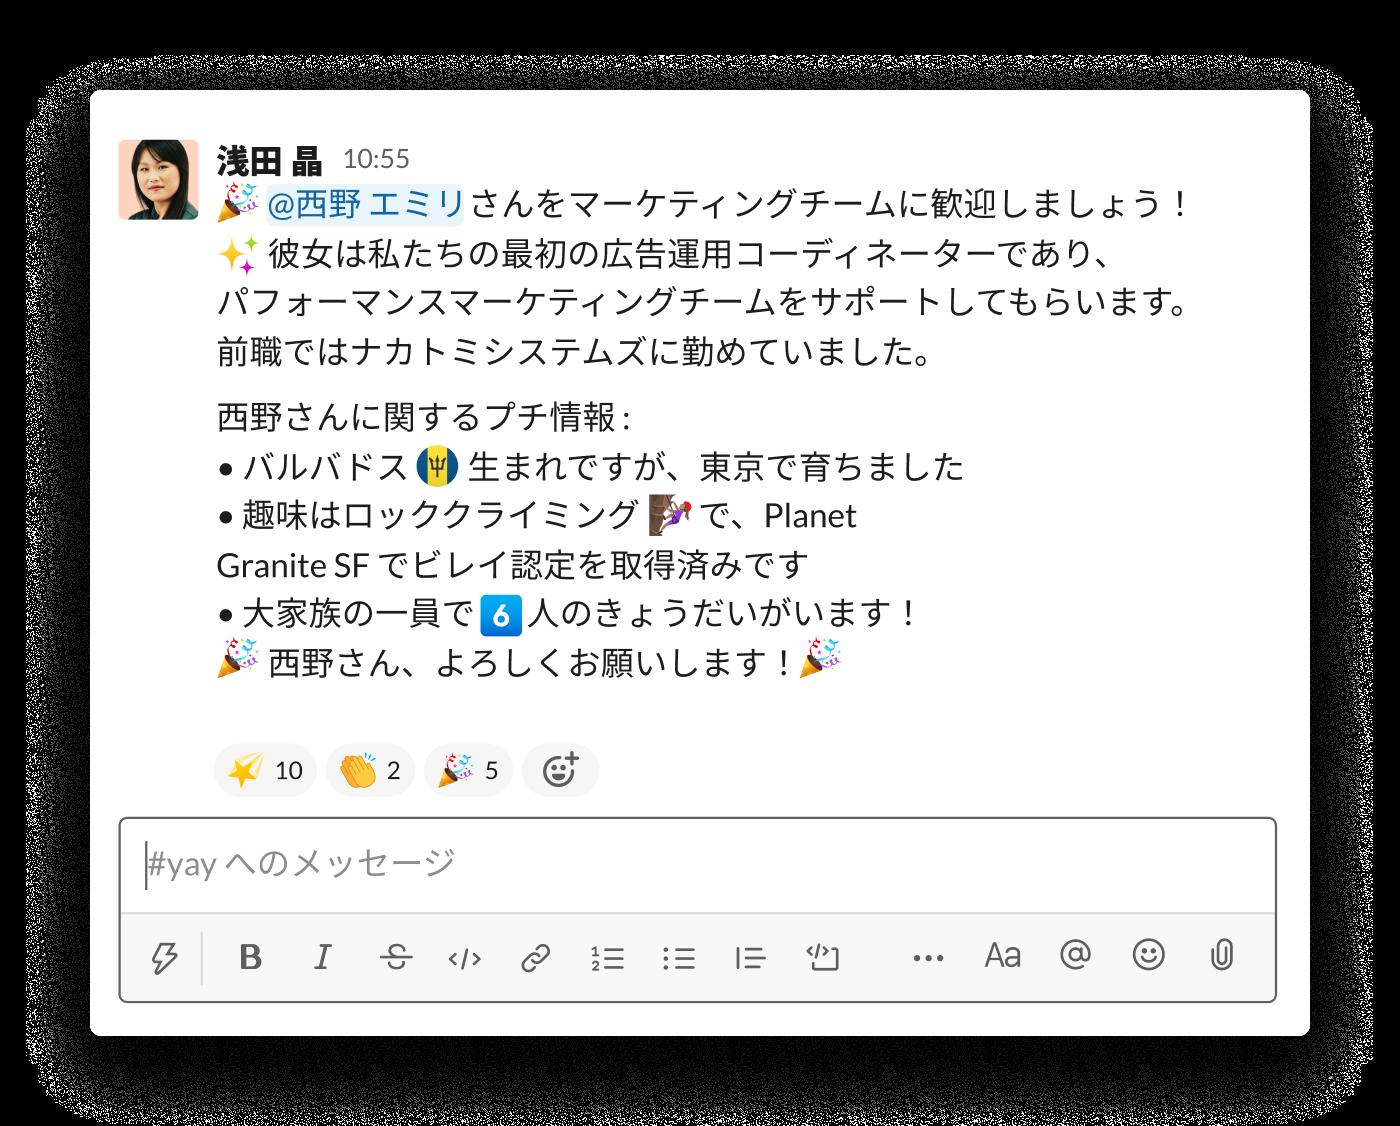 #自己紹介の Slack チャンネルで、マネージャーがチームの新メンバーを紹介